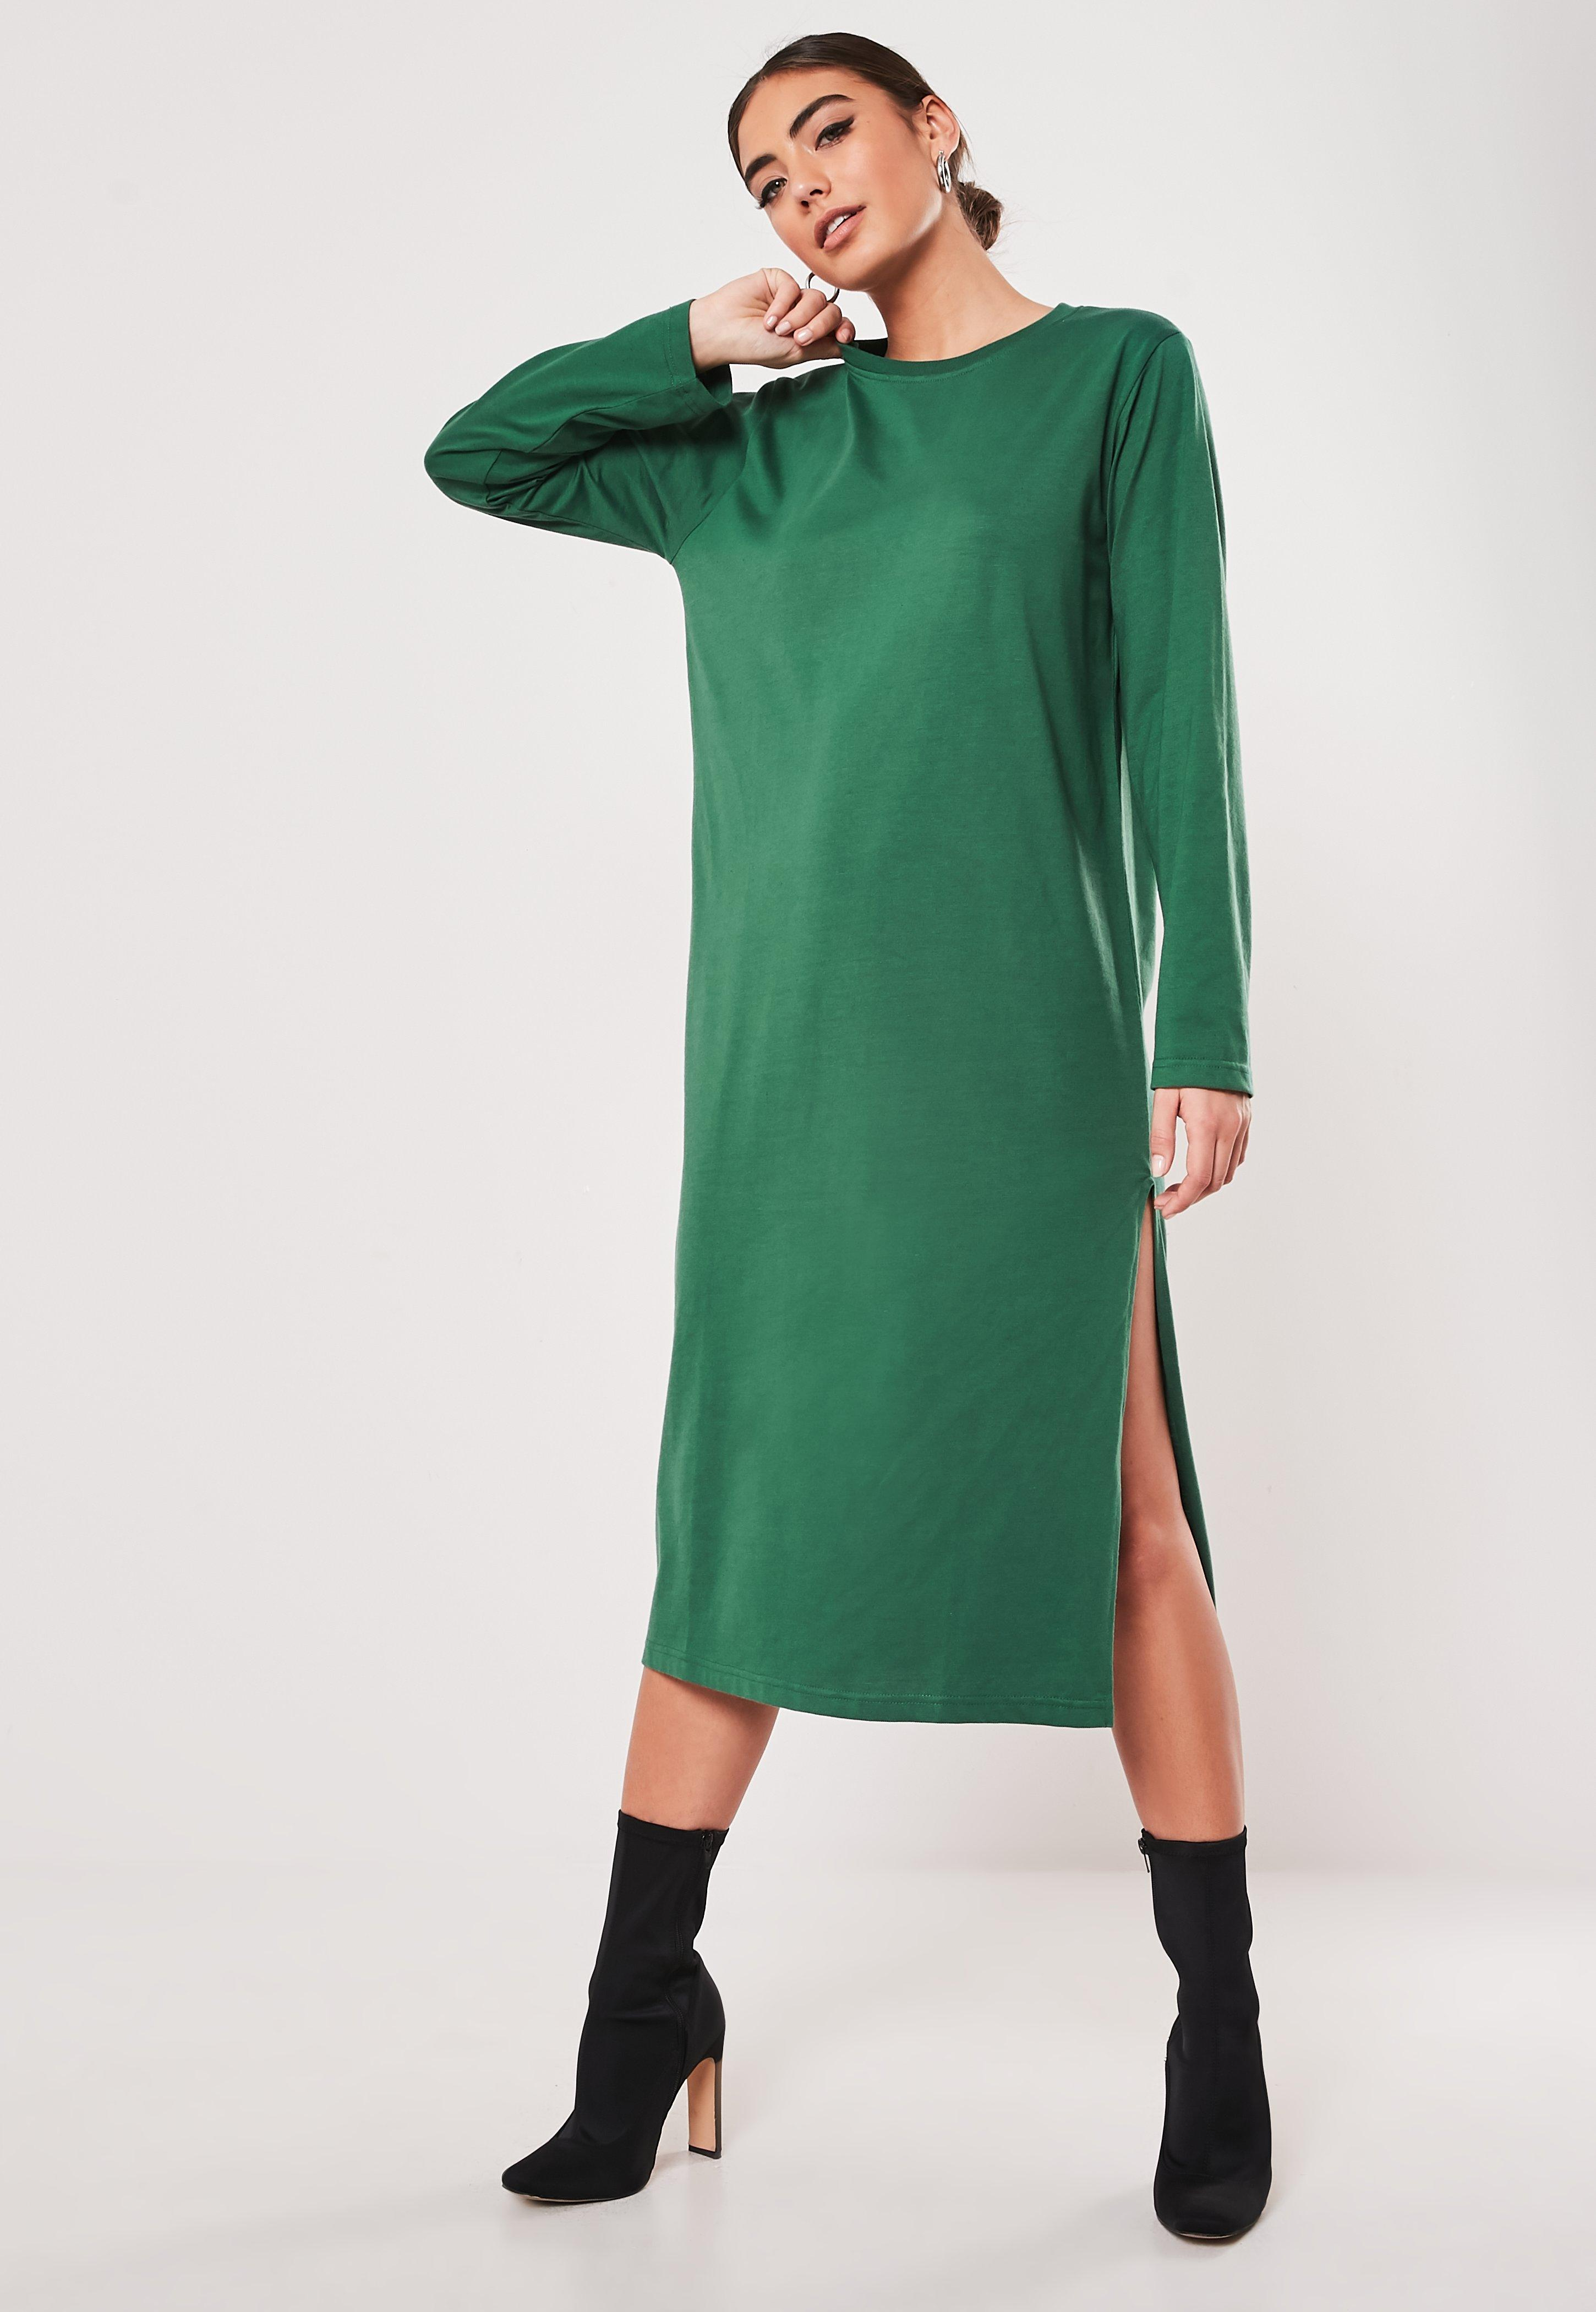 sheath t shirt dress